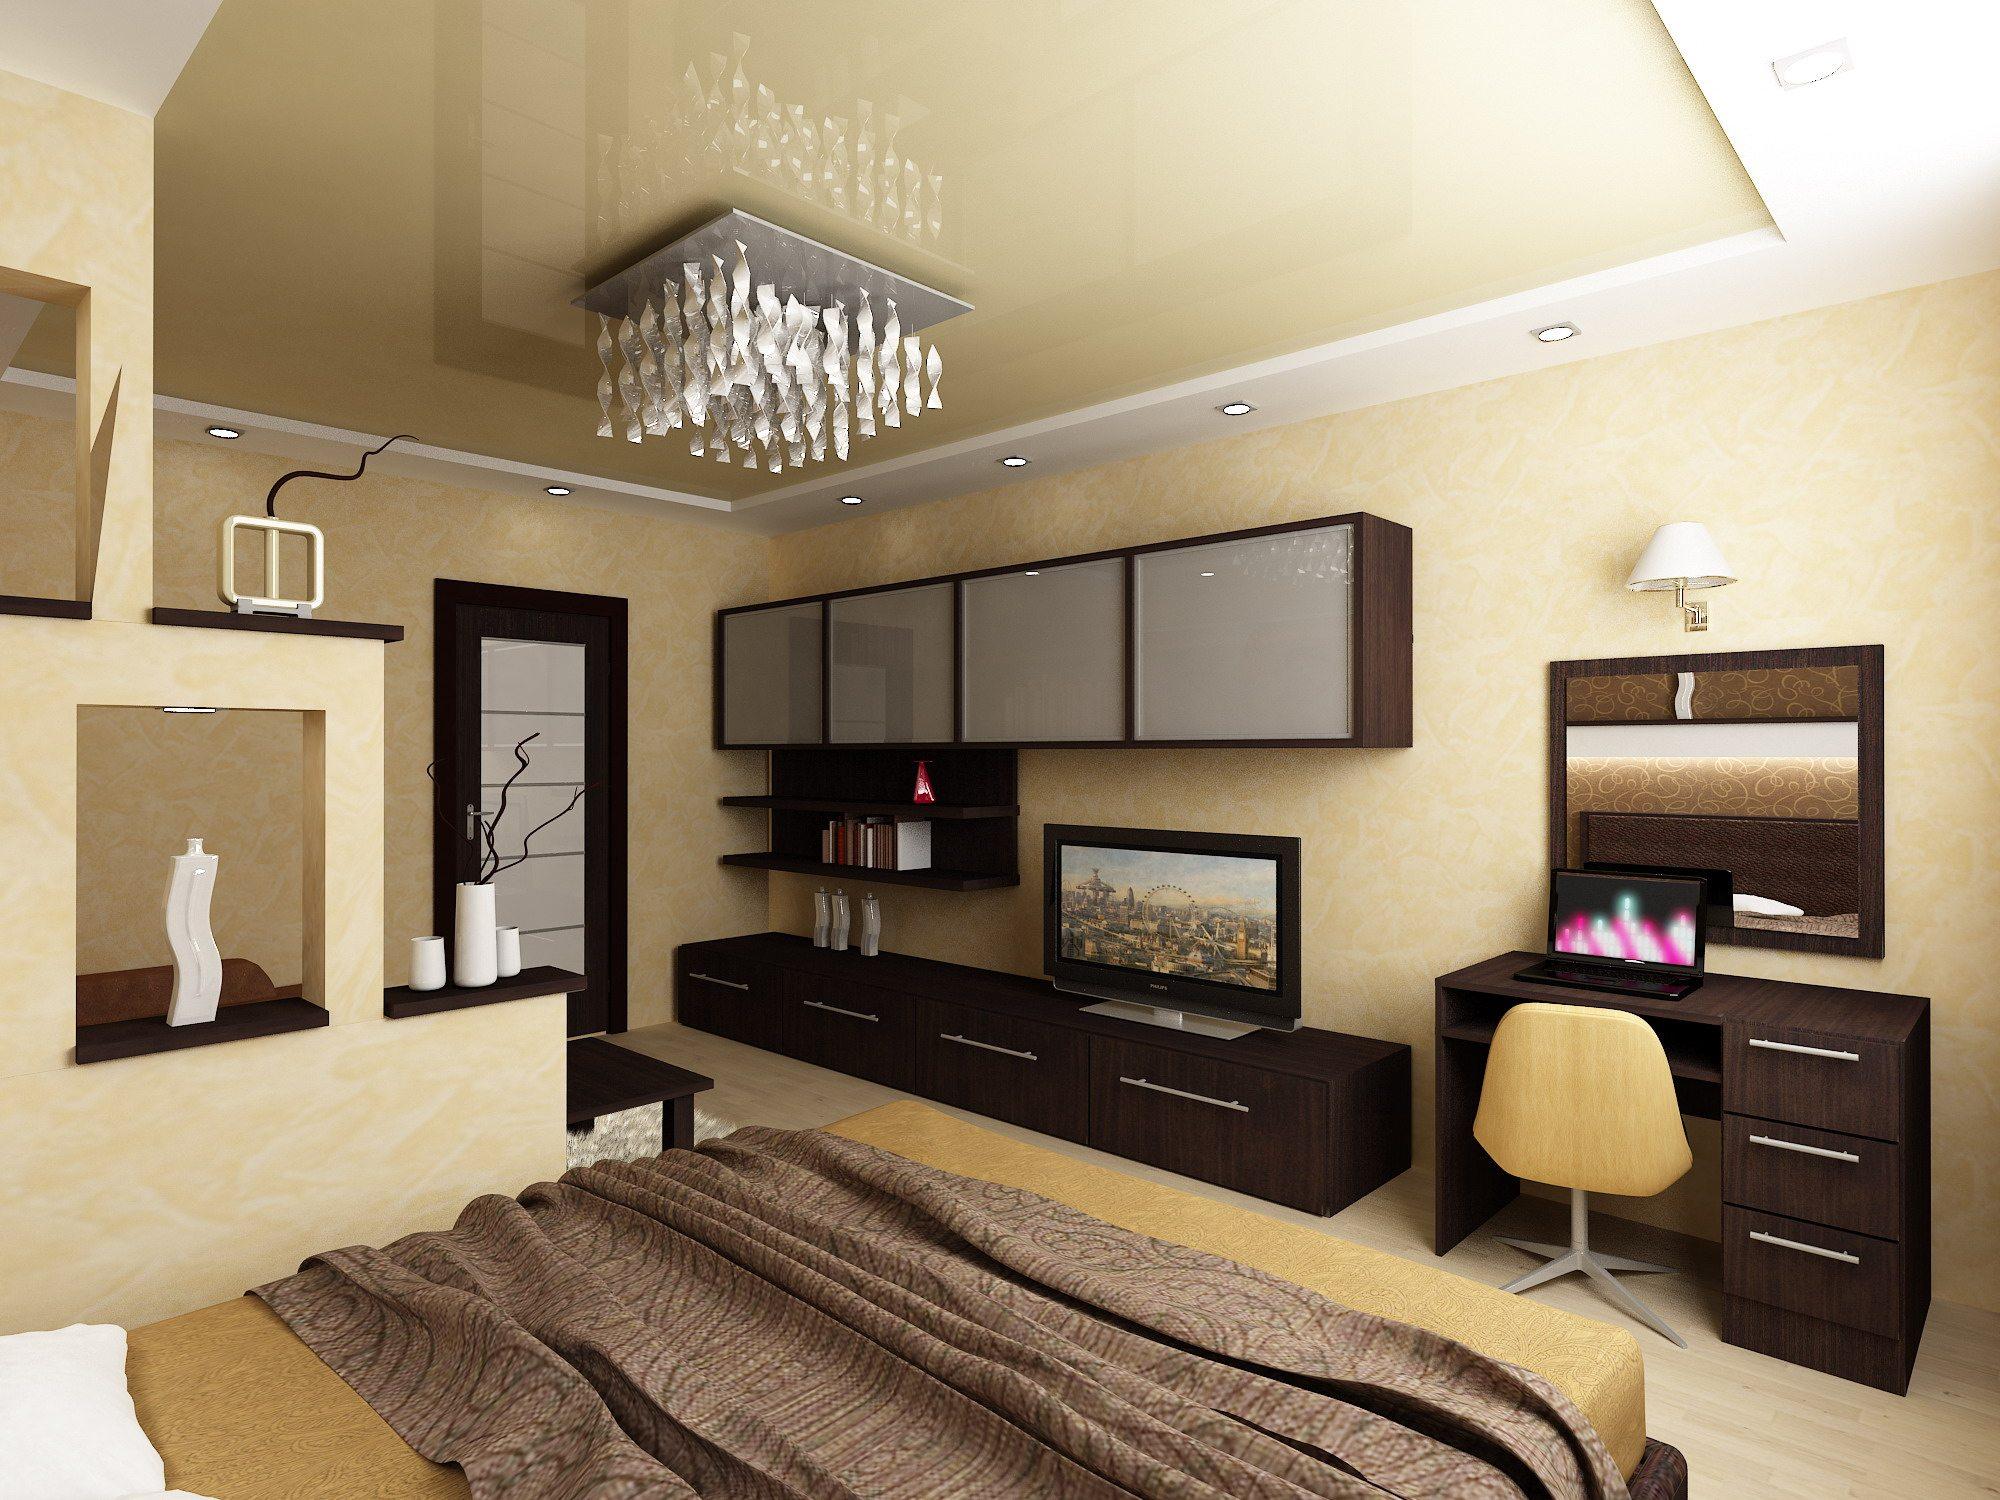 Гостиная 19 кв.м дизайн